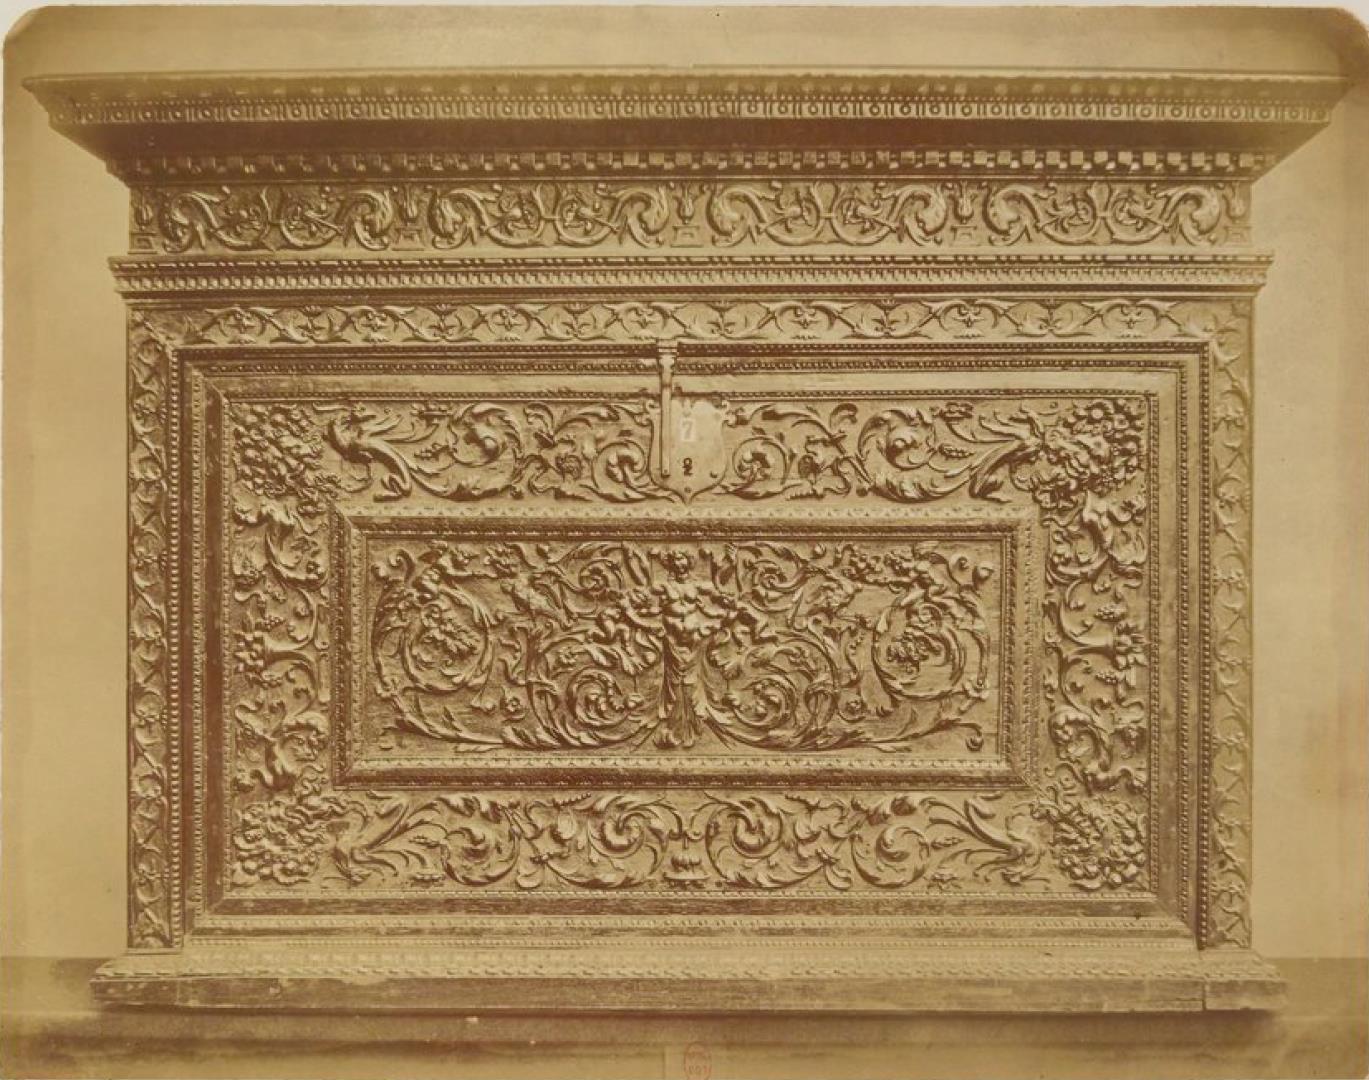 Резной дубовый шкаф. Верхняя часть (1520-1550)